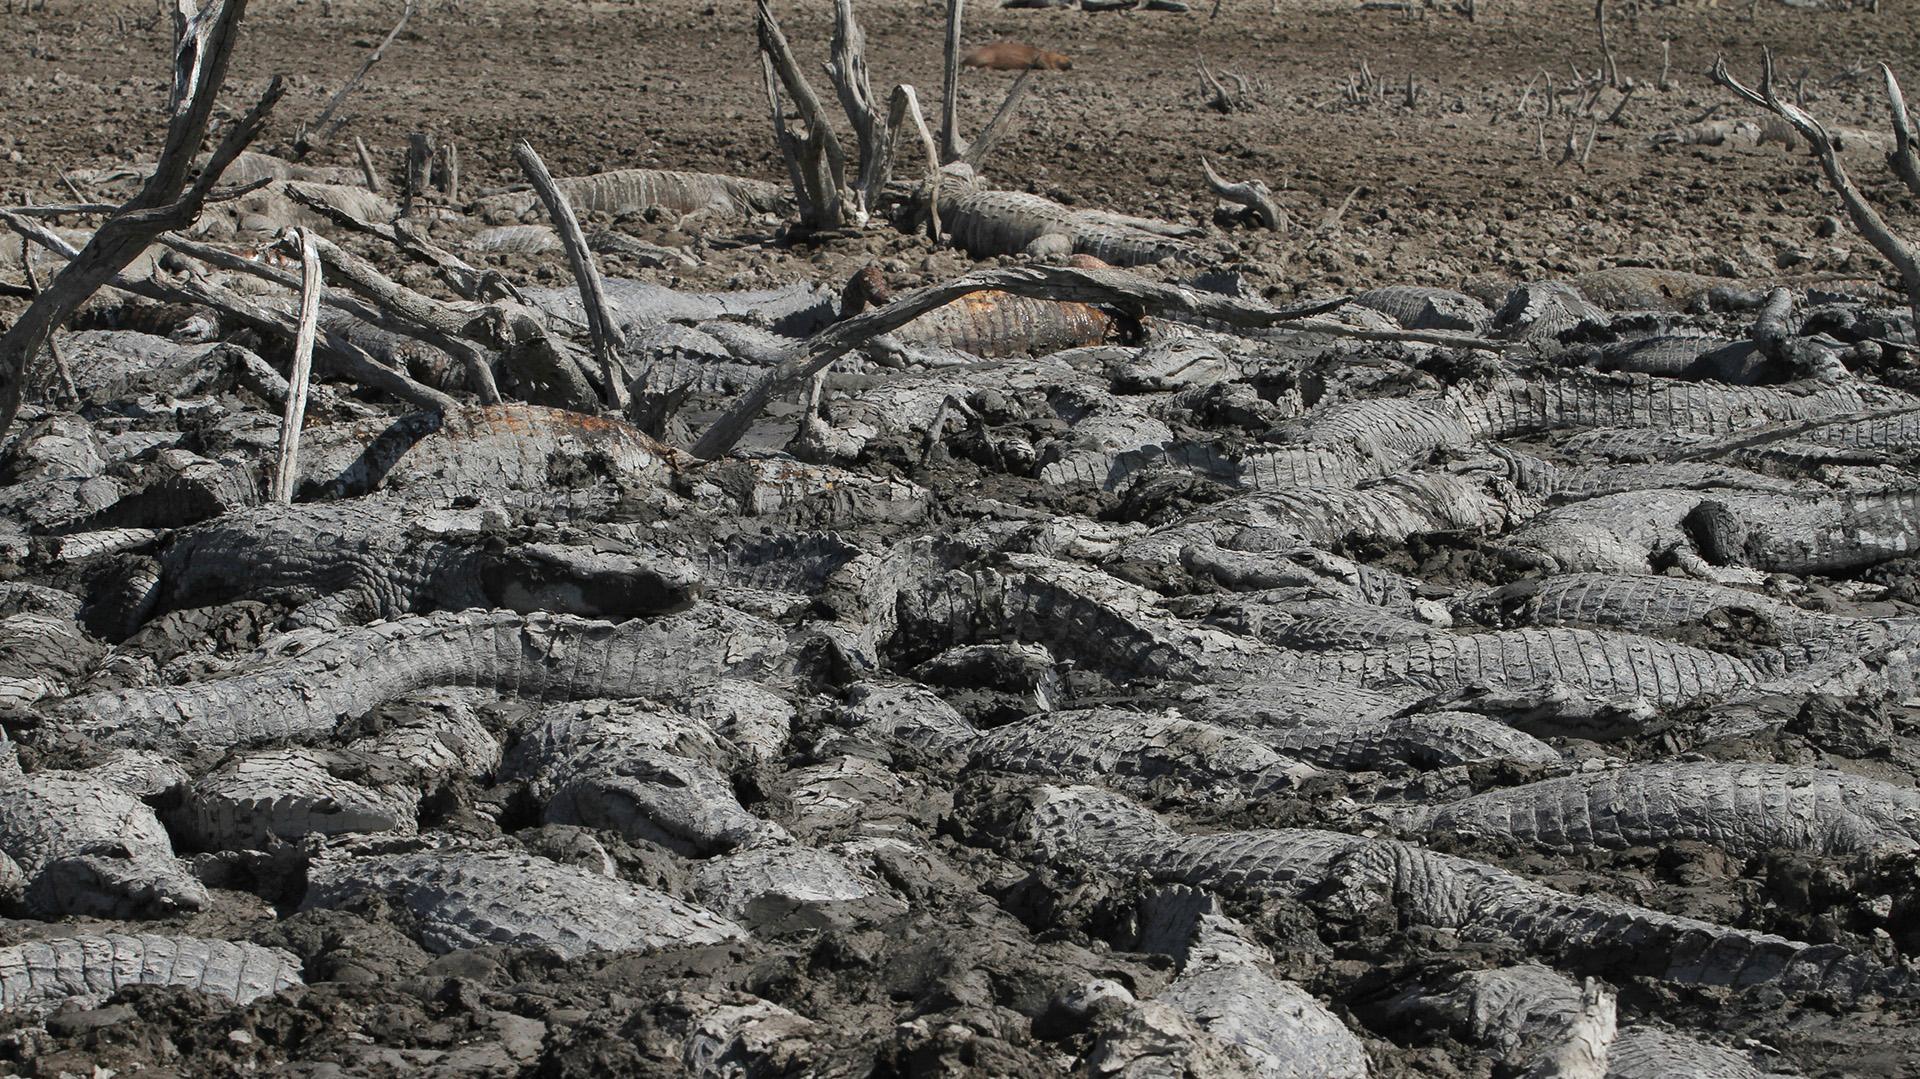 La imagen de los animales atrapados en el barro conmueve a los pobladores que nada pueden hacer ante la falta de agua